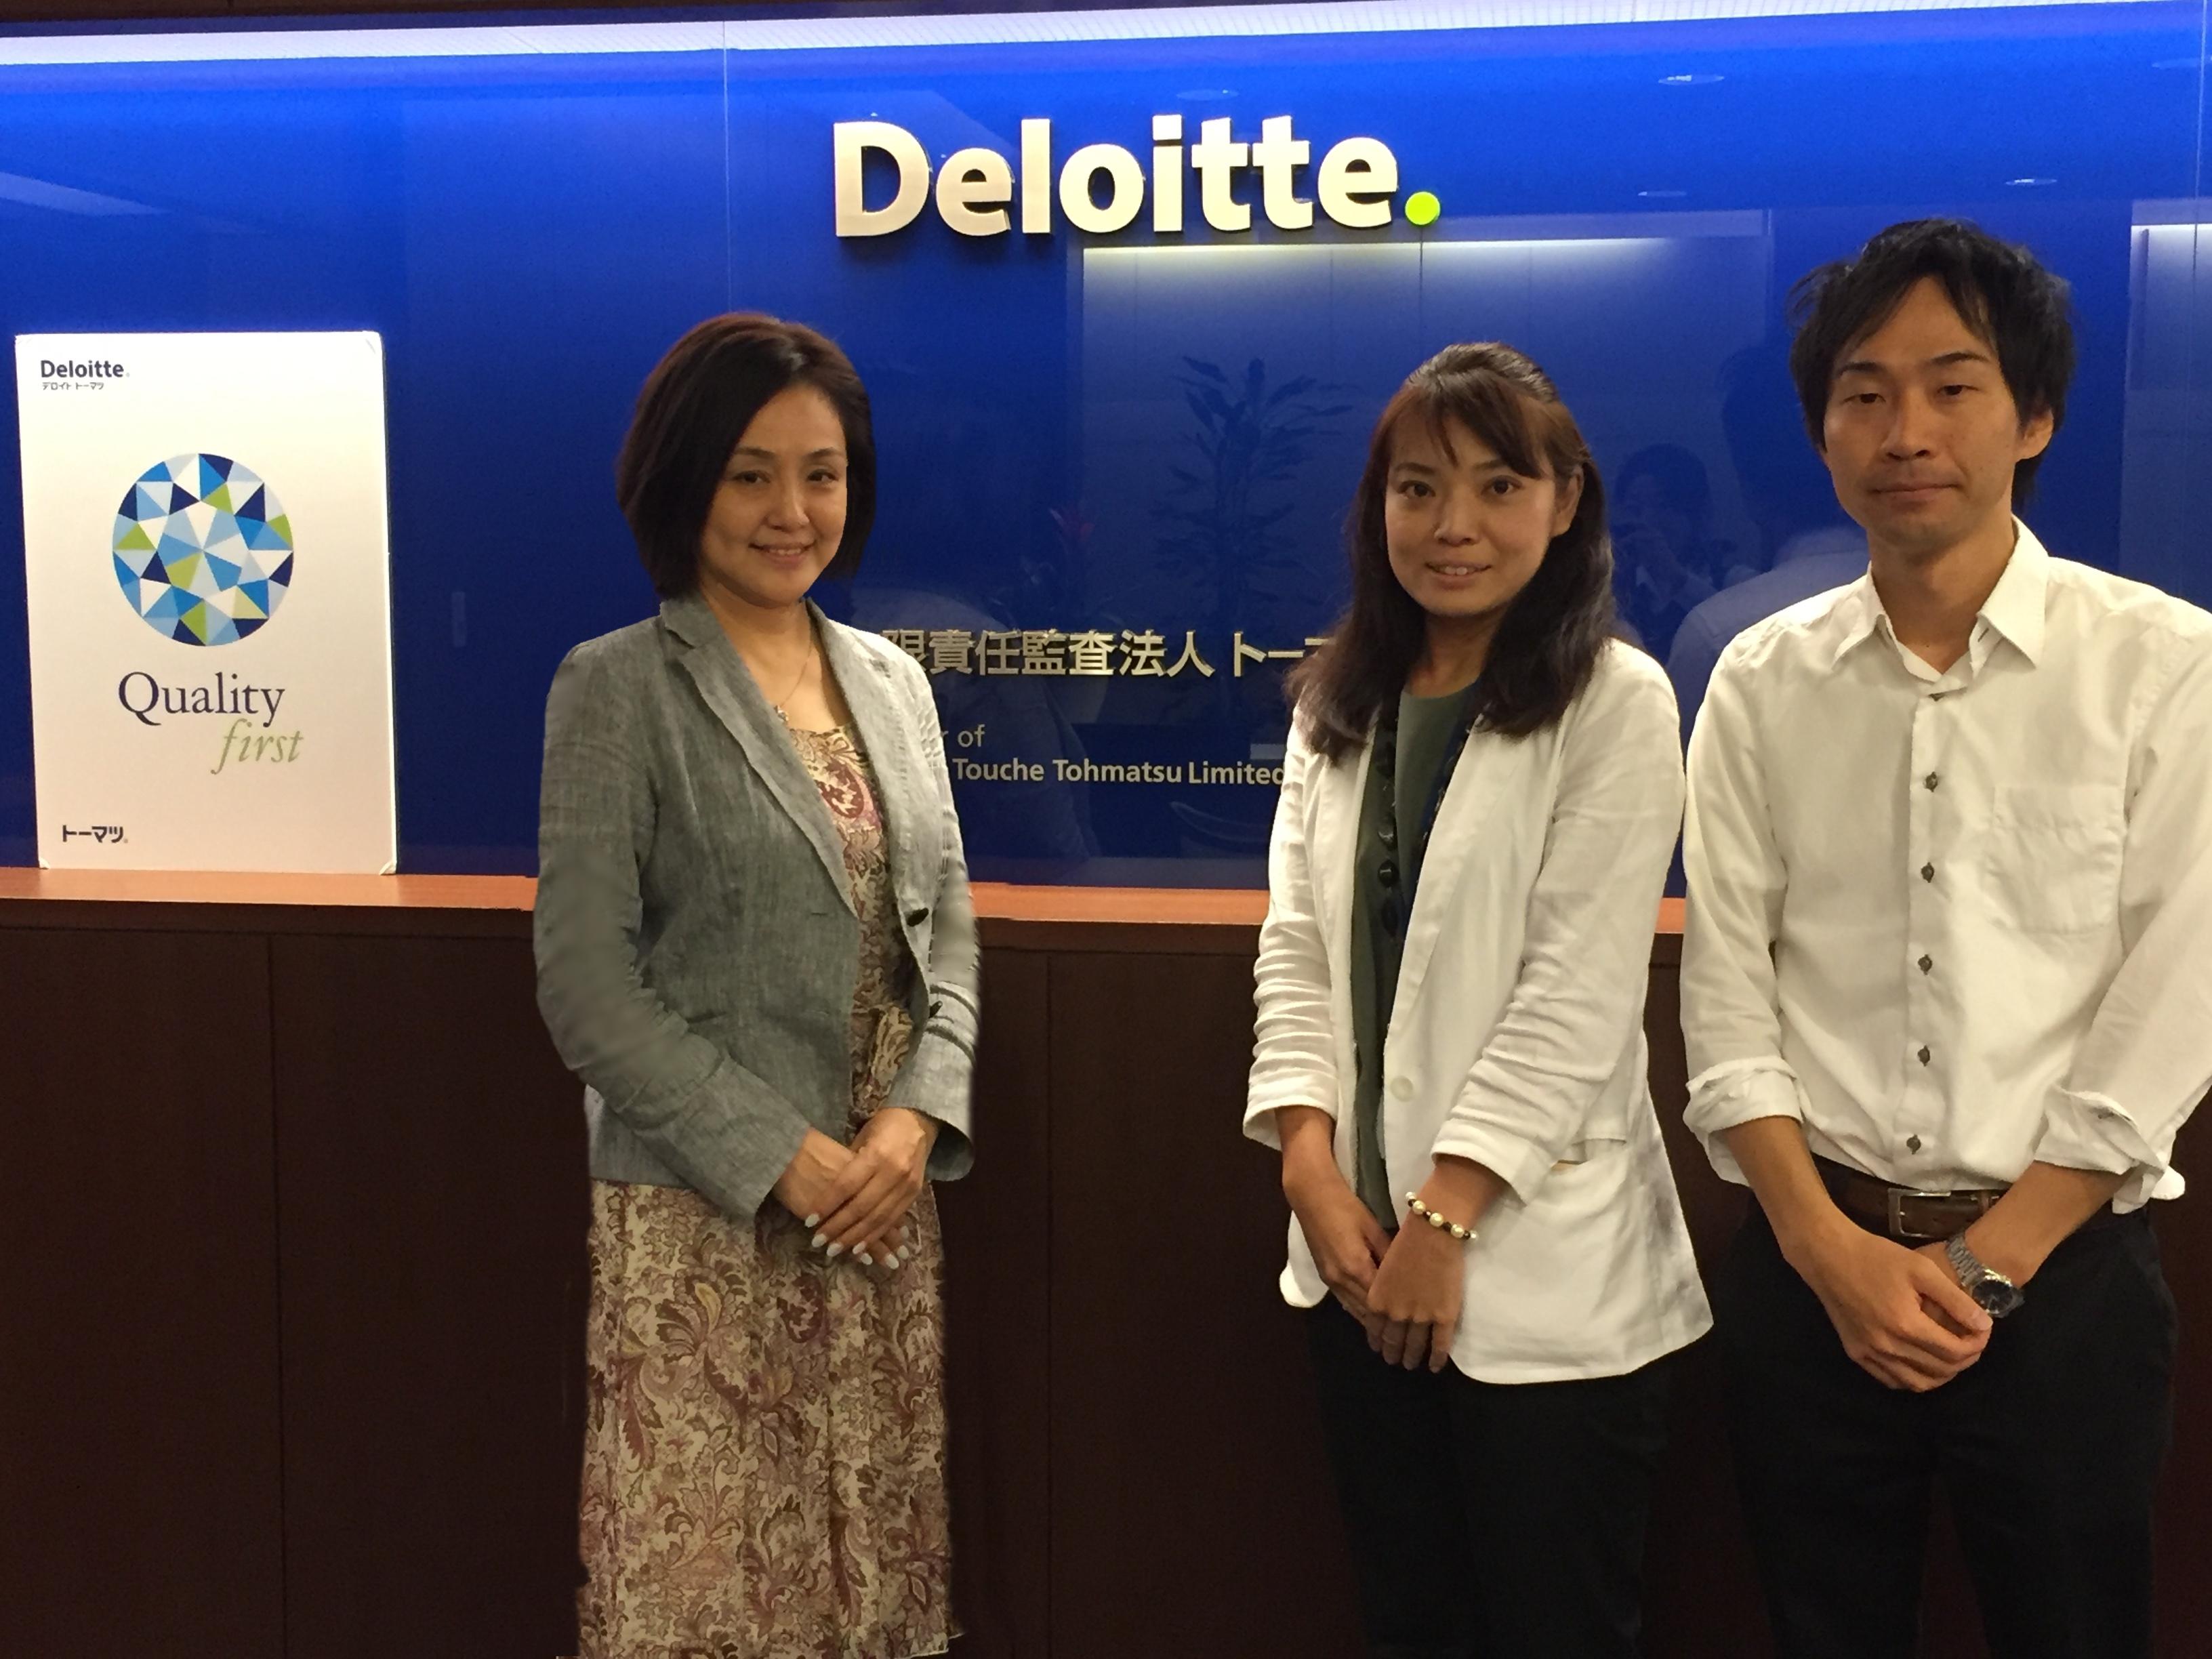 あおいとりからのおくりもの・トーマツ様・京都女性起業家支援事業